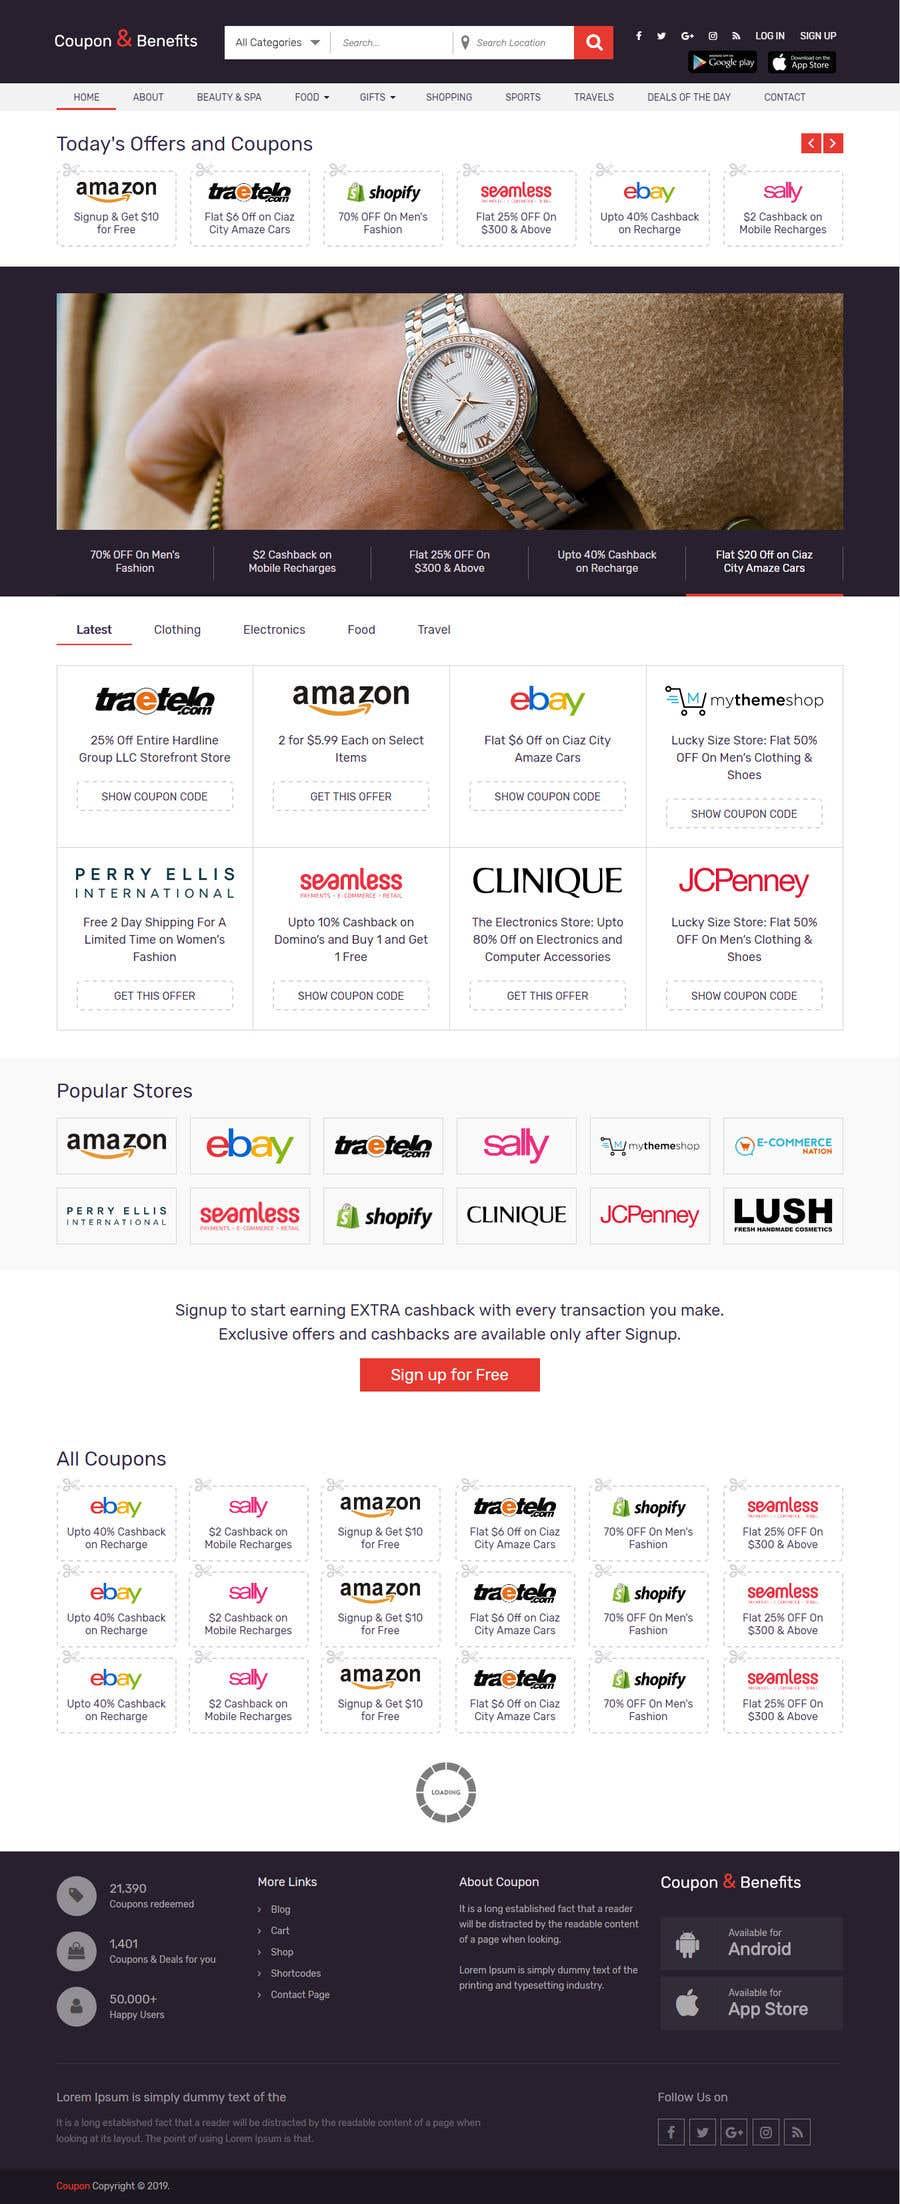 Kilpailutyö #17 kilpailussa UX concept for responsive website for Coupons & Benefits